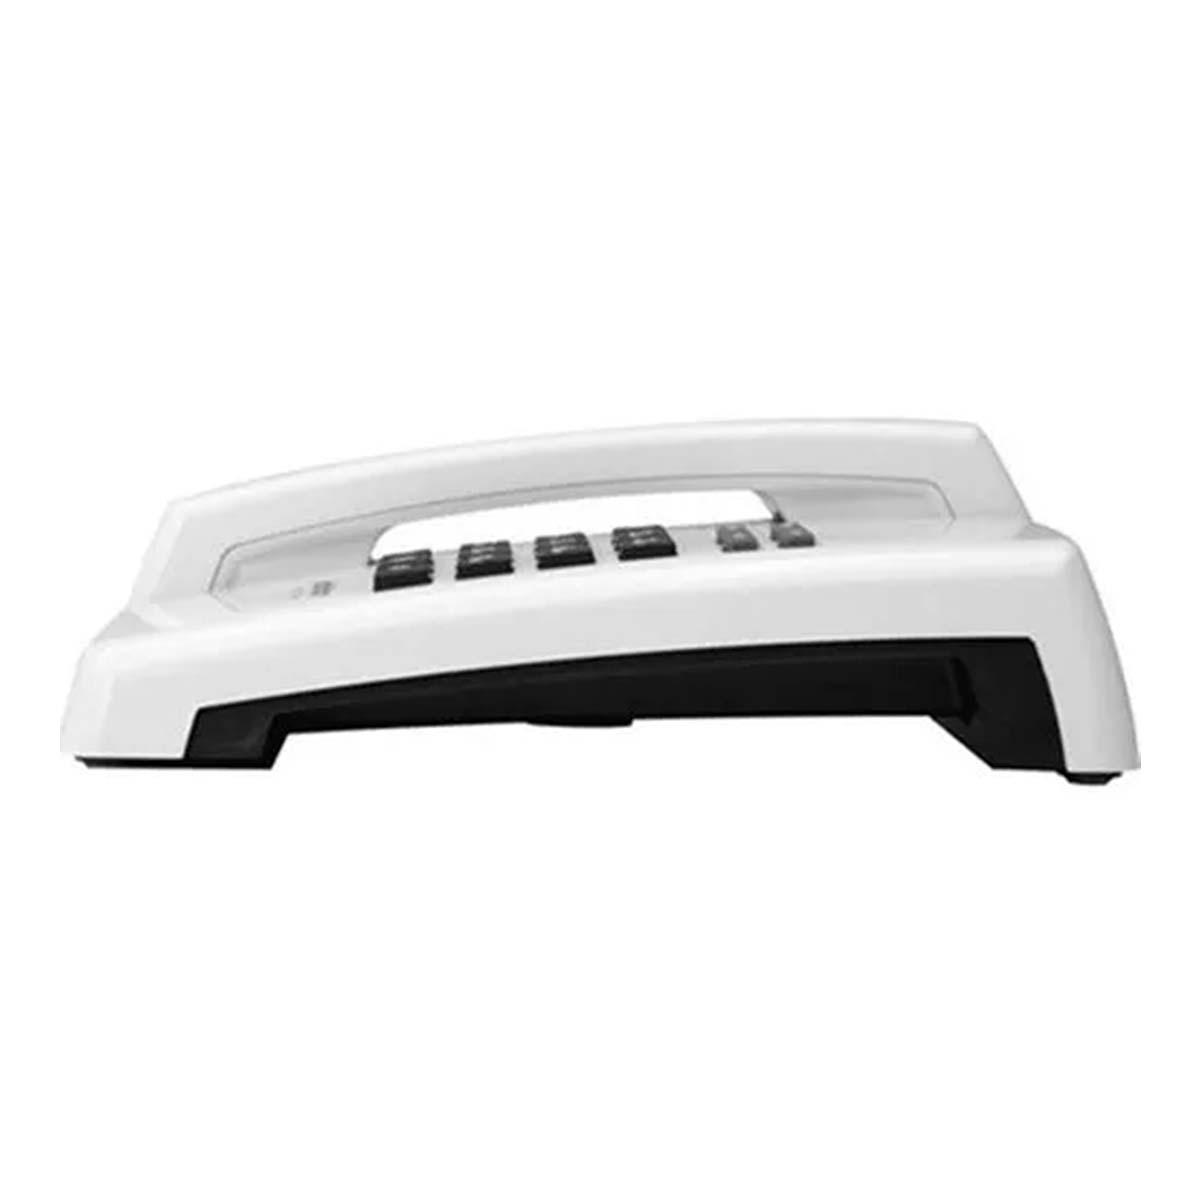 Kit 07 Telefone De Mesa Intelbras Tc50 Premium Branco